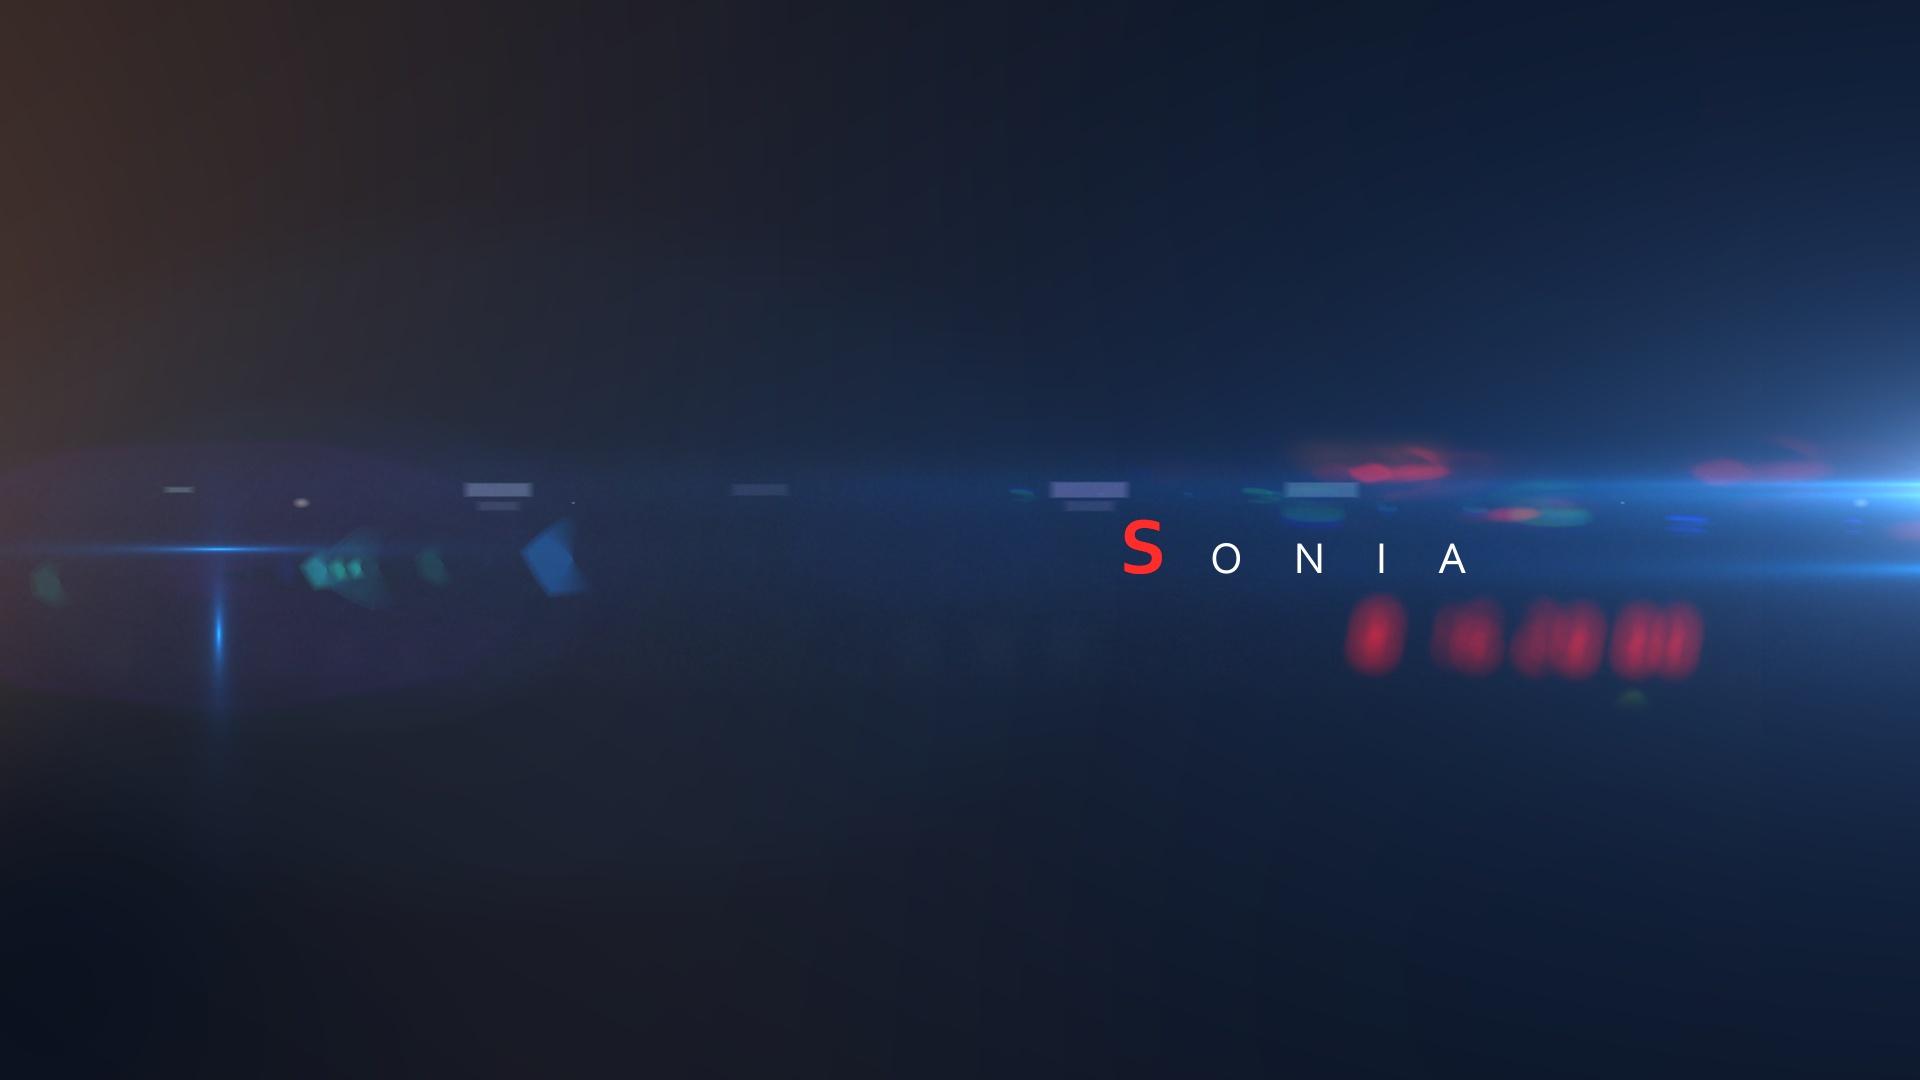 Sonia, gardien de la paix au Commissariat A - policière : découvrir le personnage